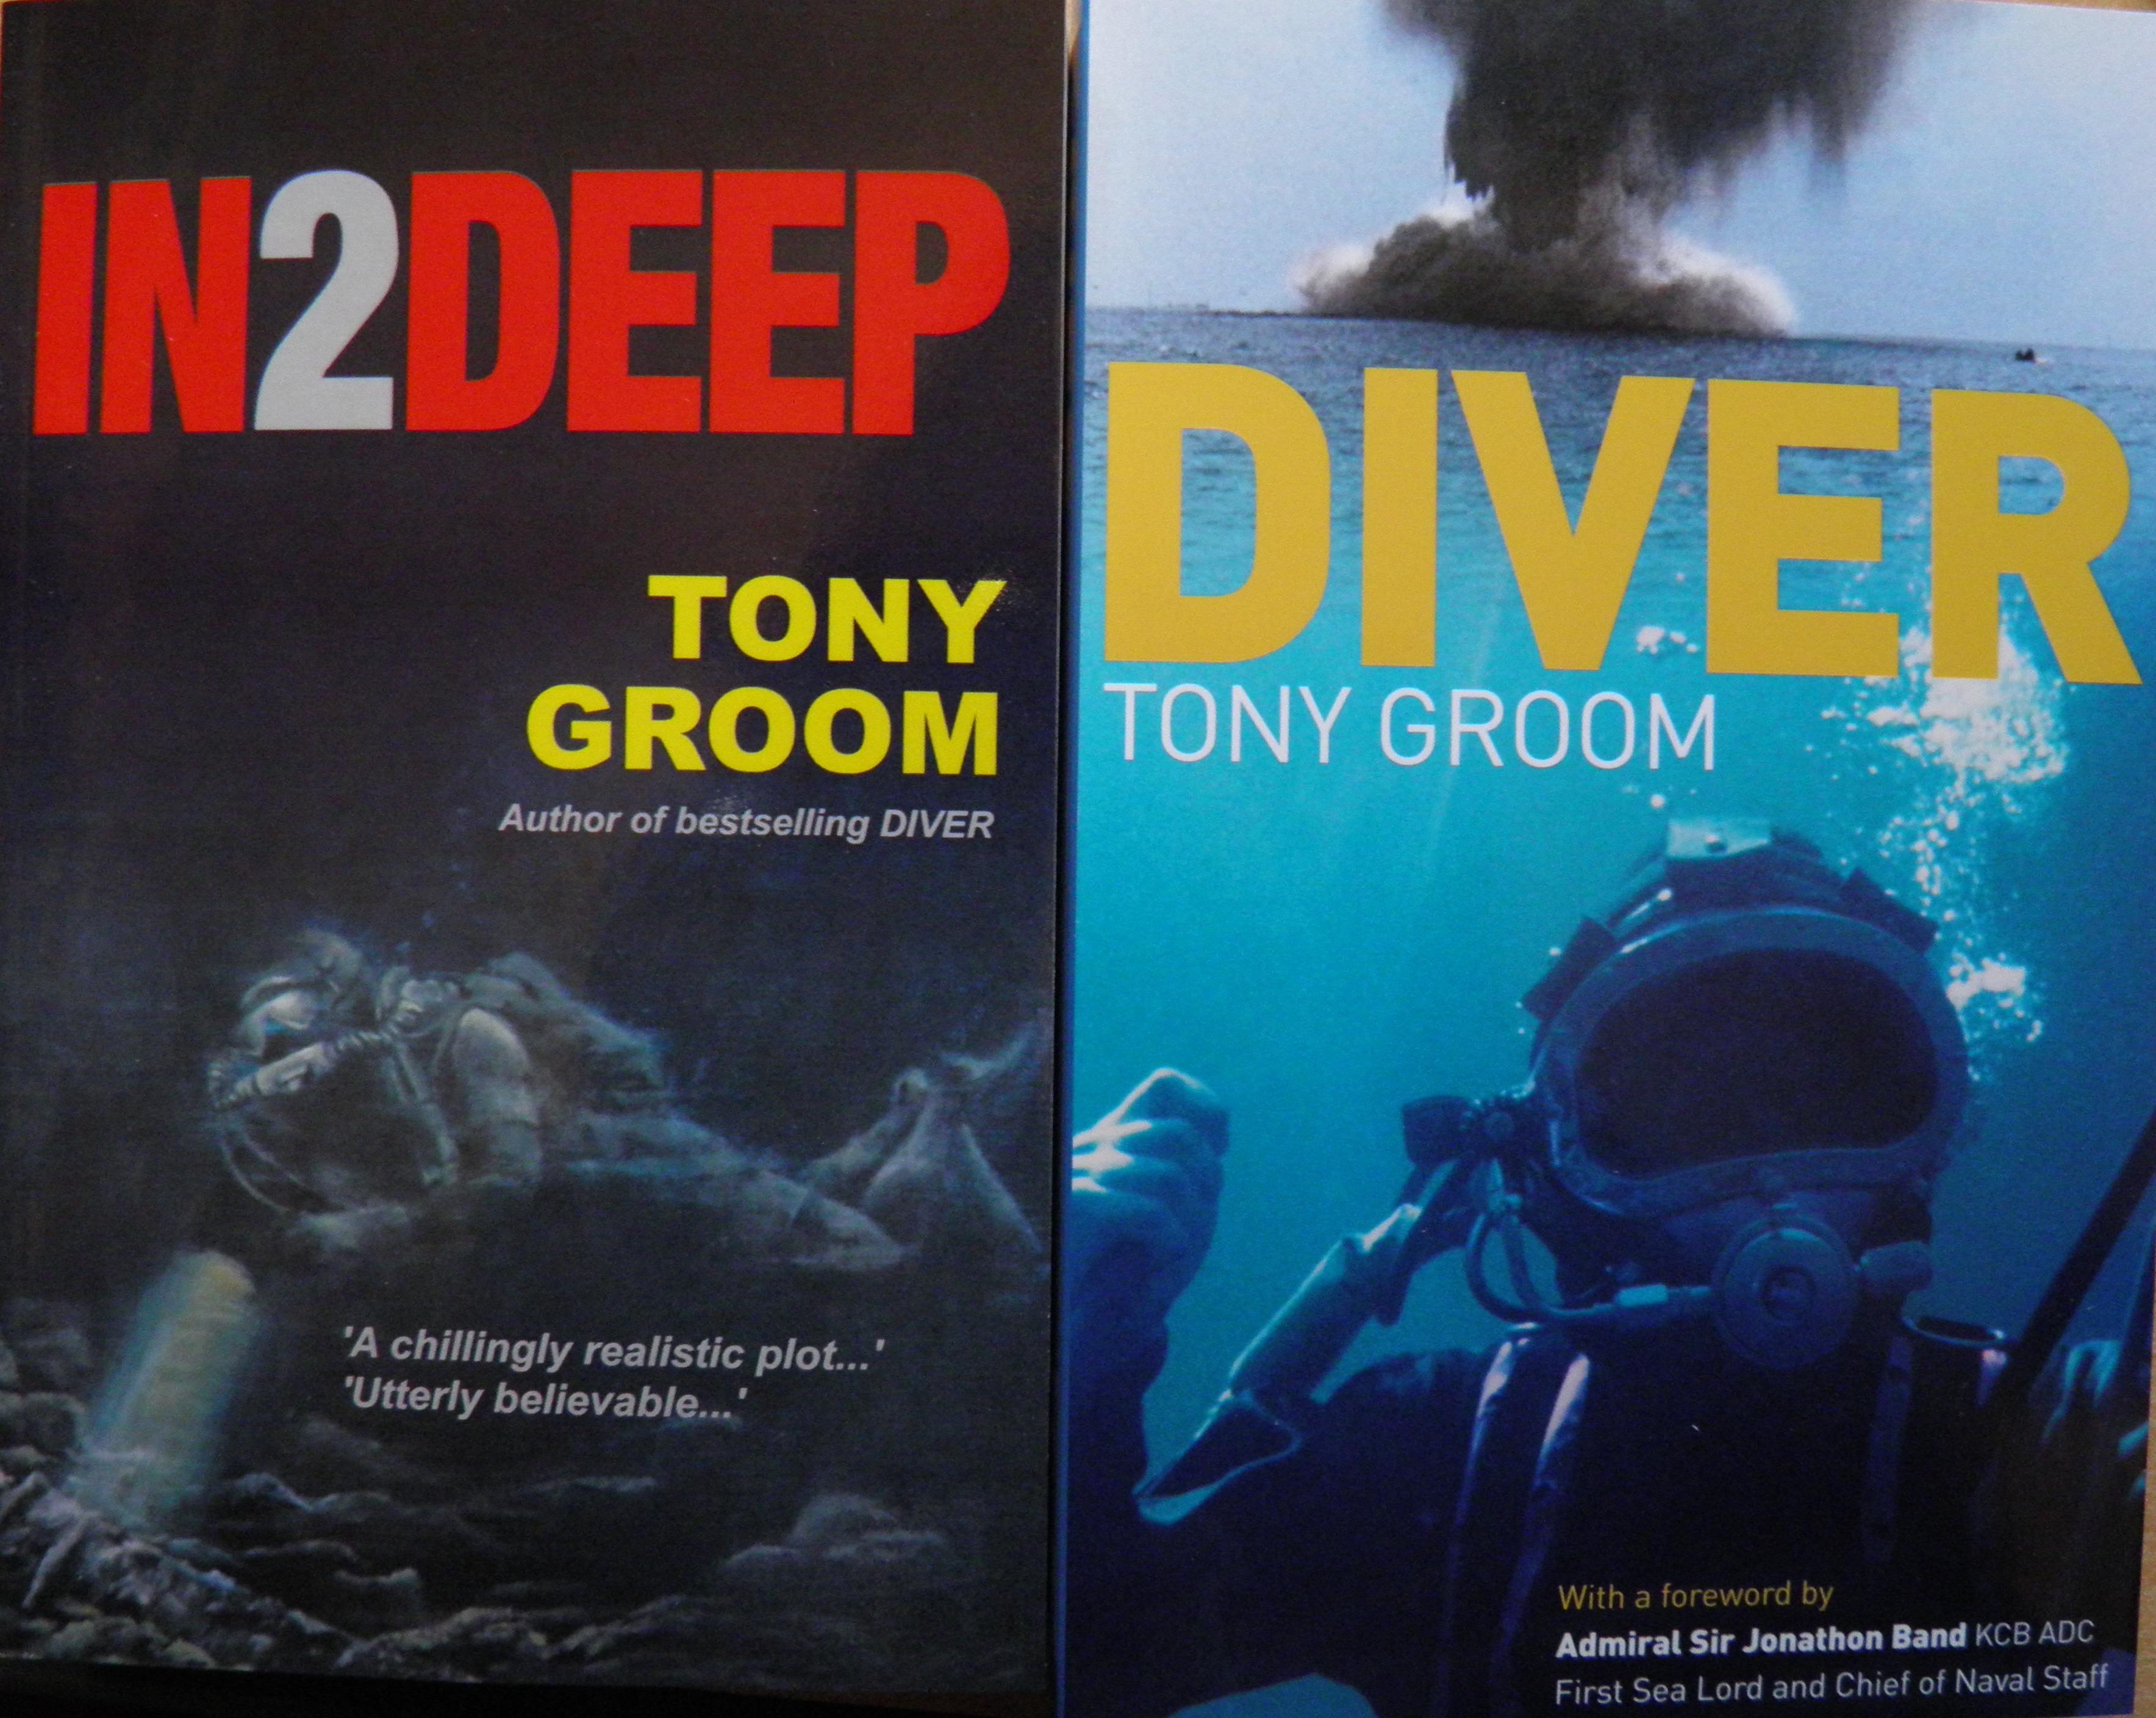 Tony Groom